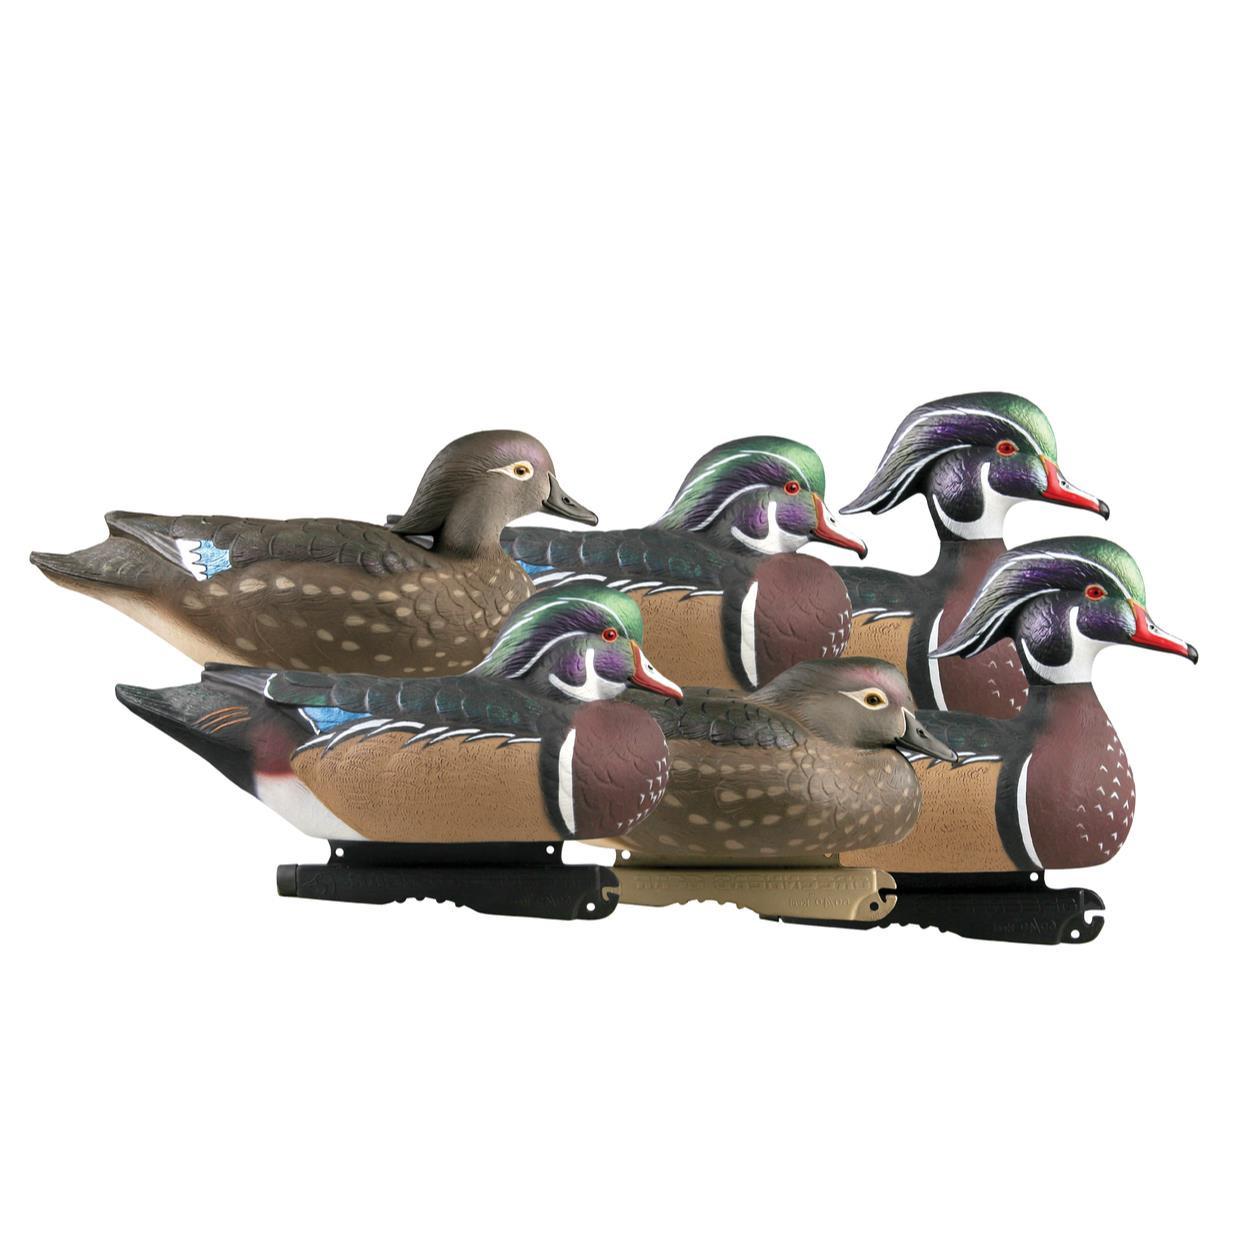 Avery GHG Pro-Grade Wood Duck Floaters - 6pk - 73135 - 700905731350